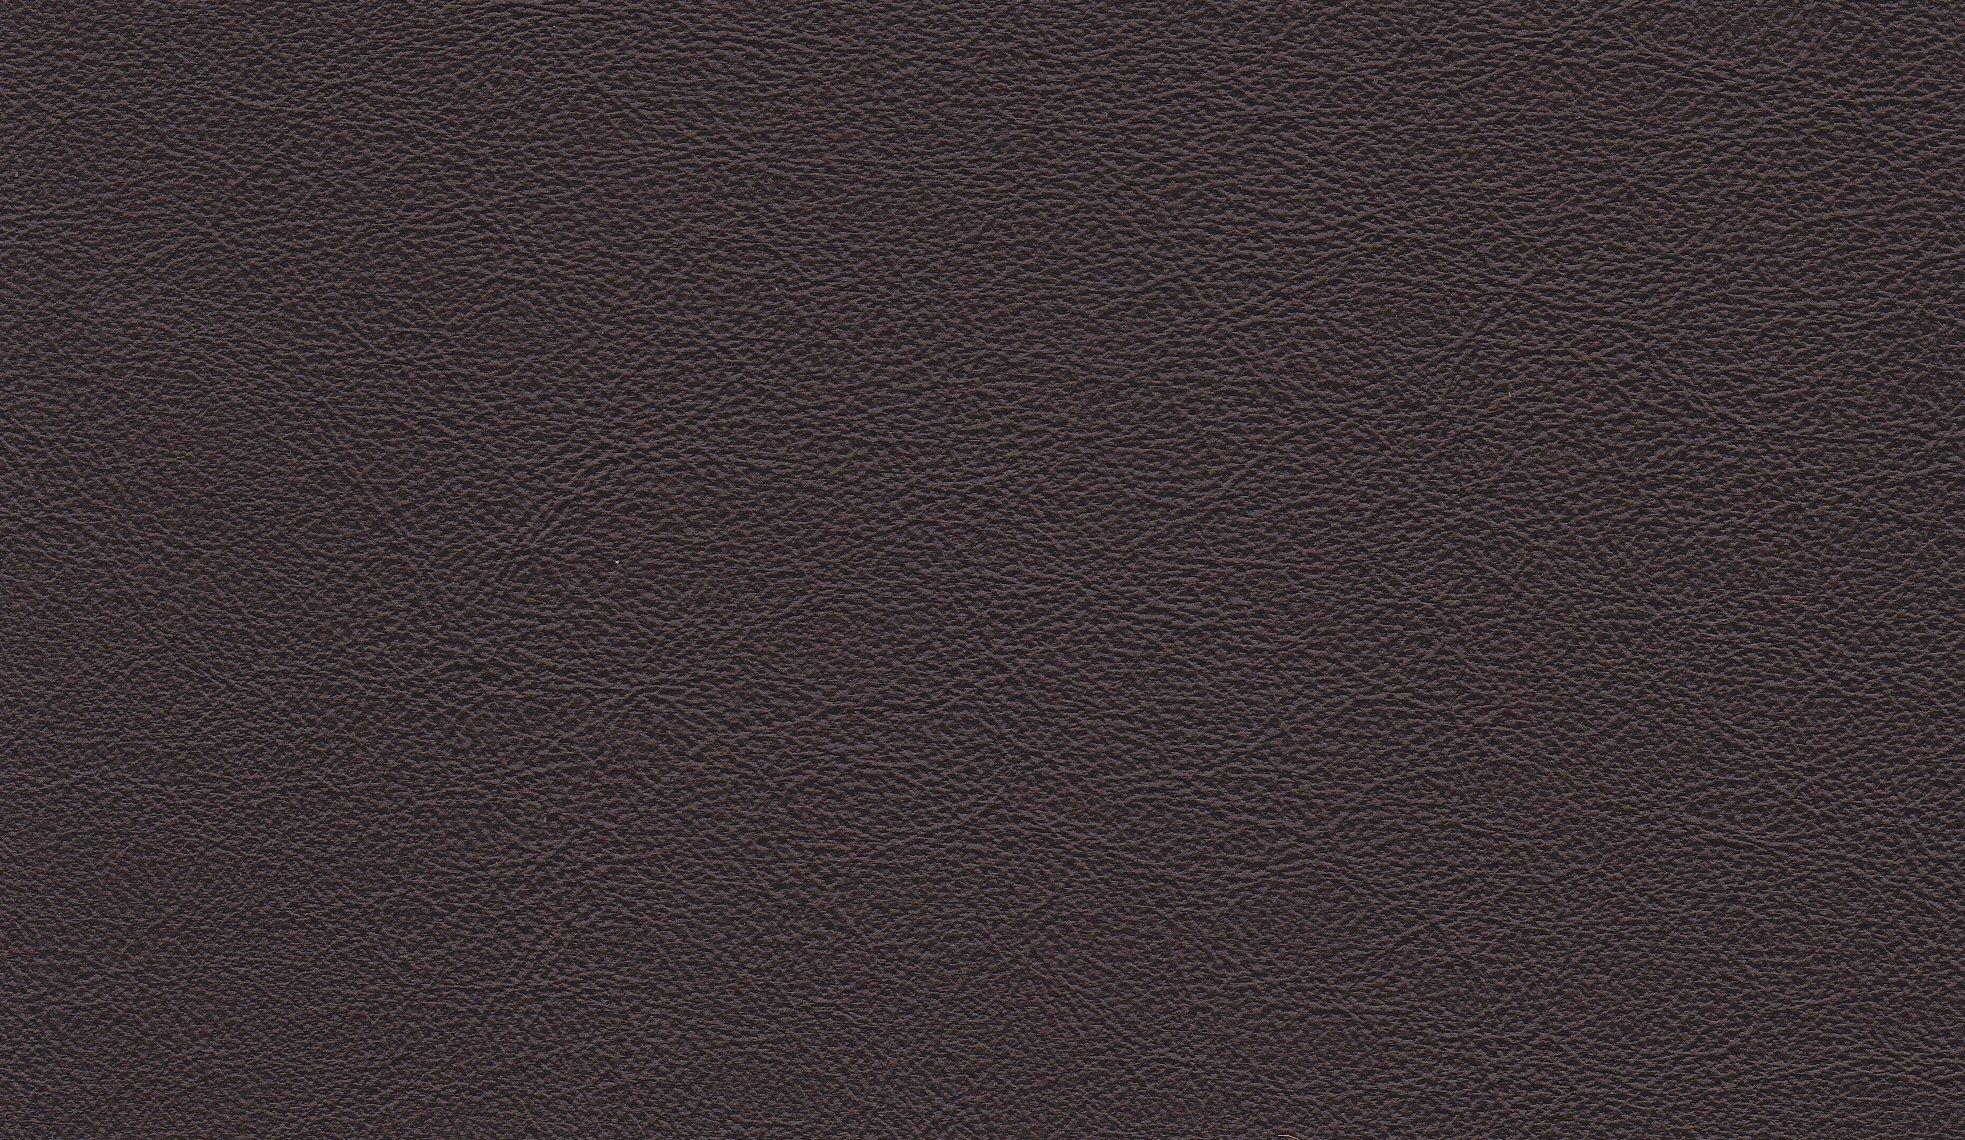 Truffles medici leather